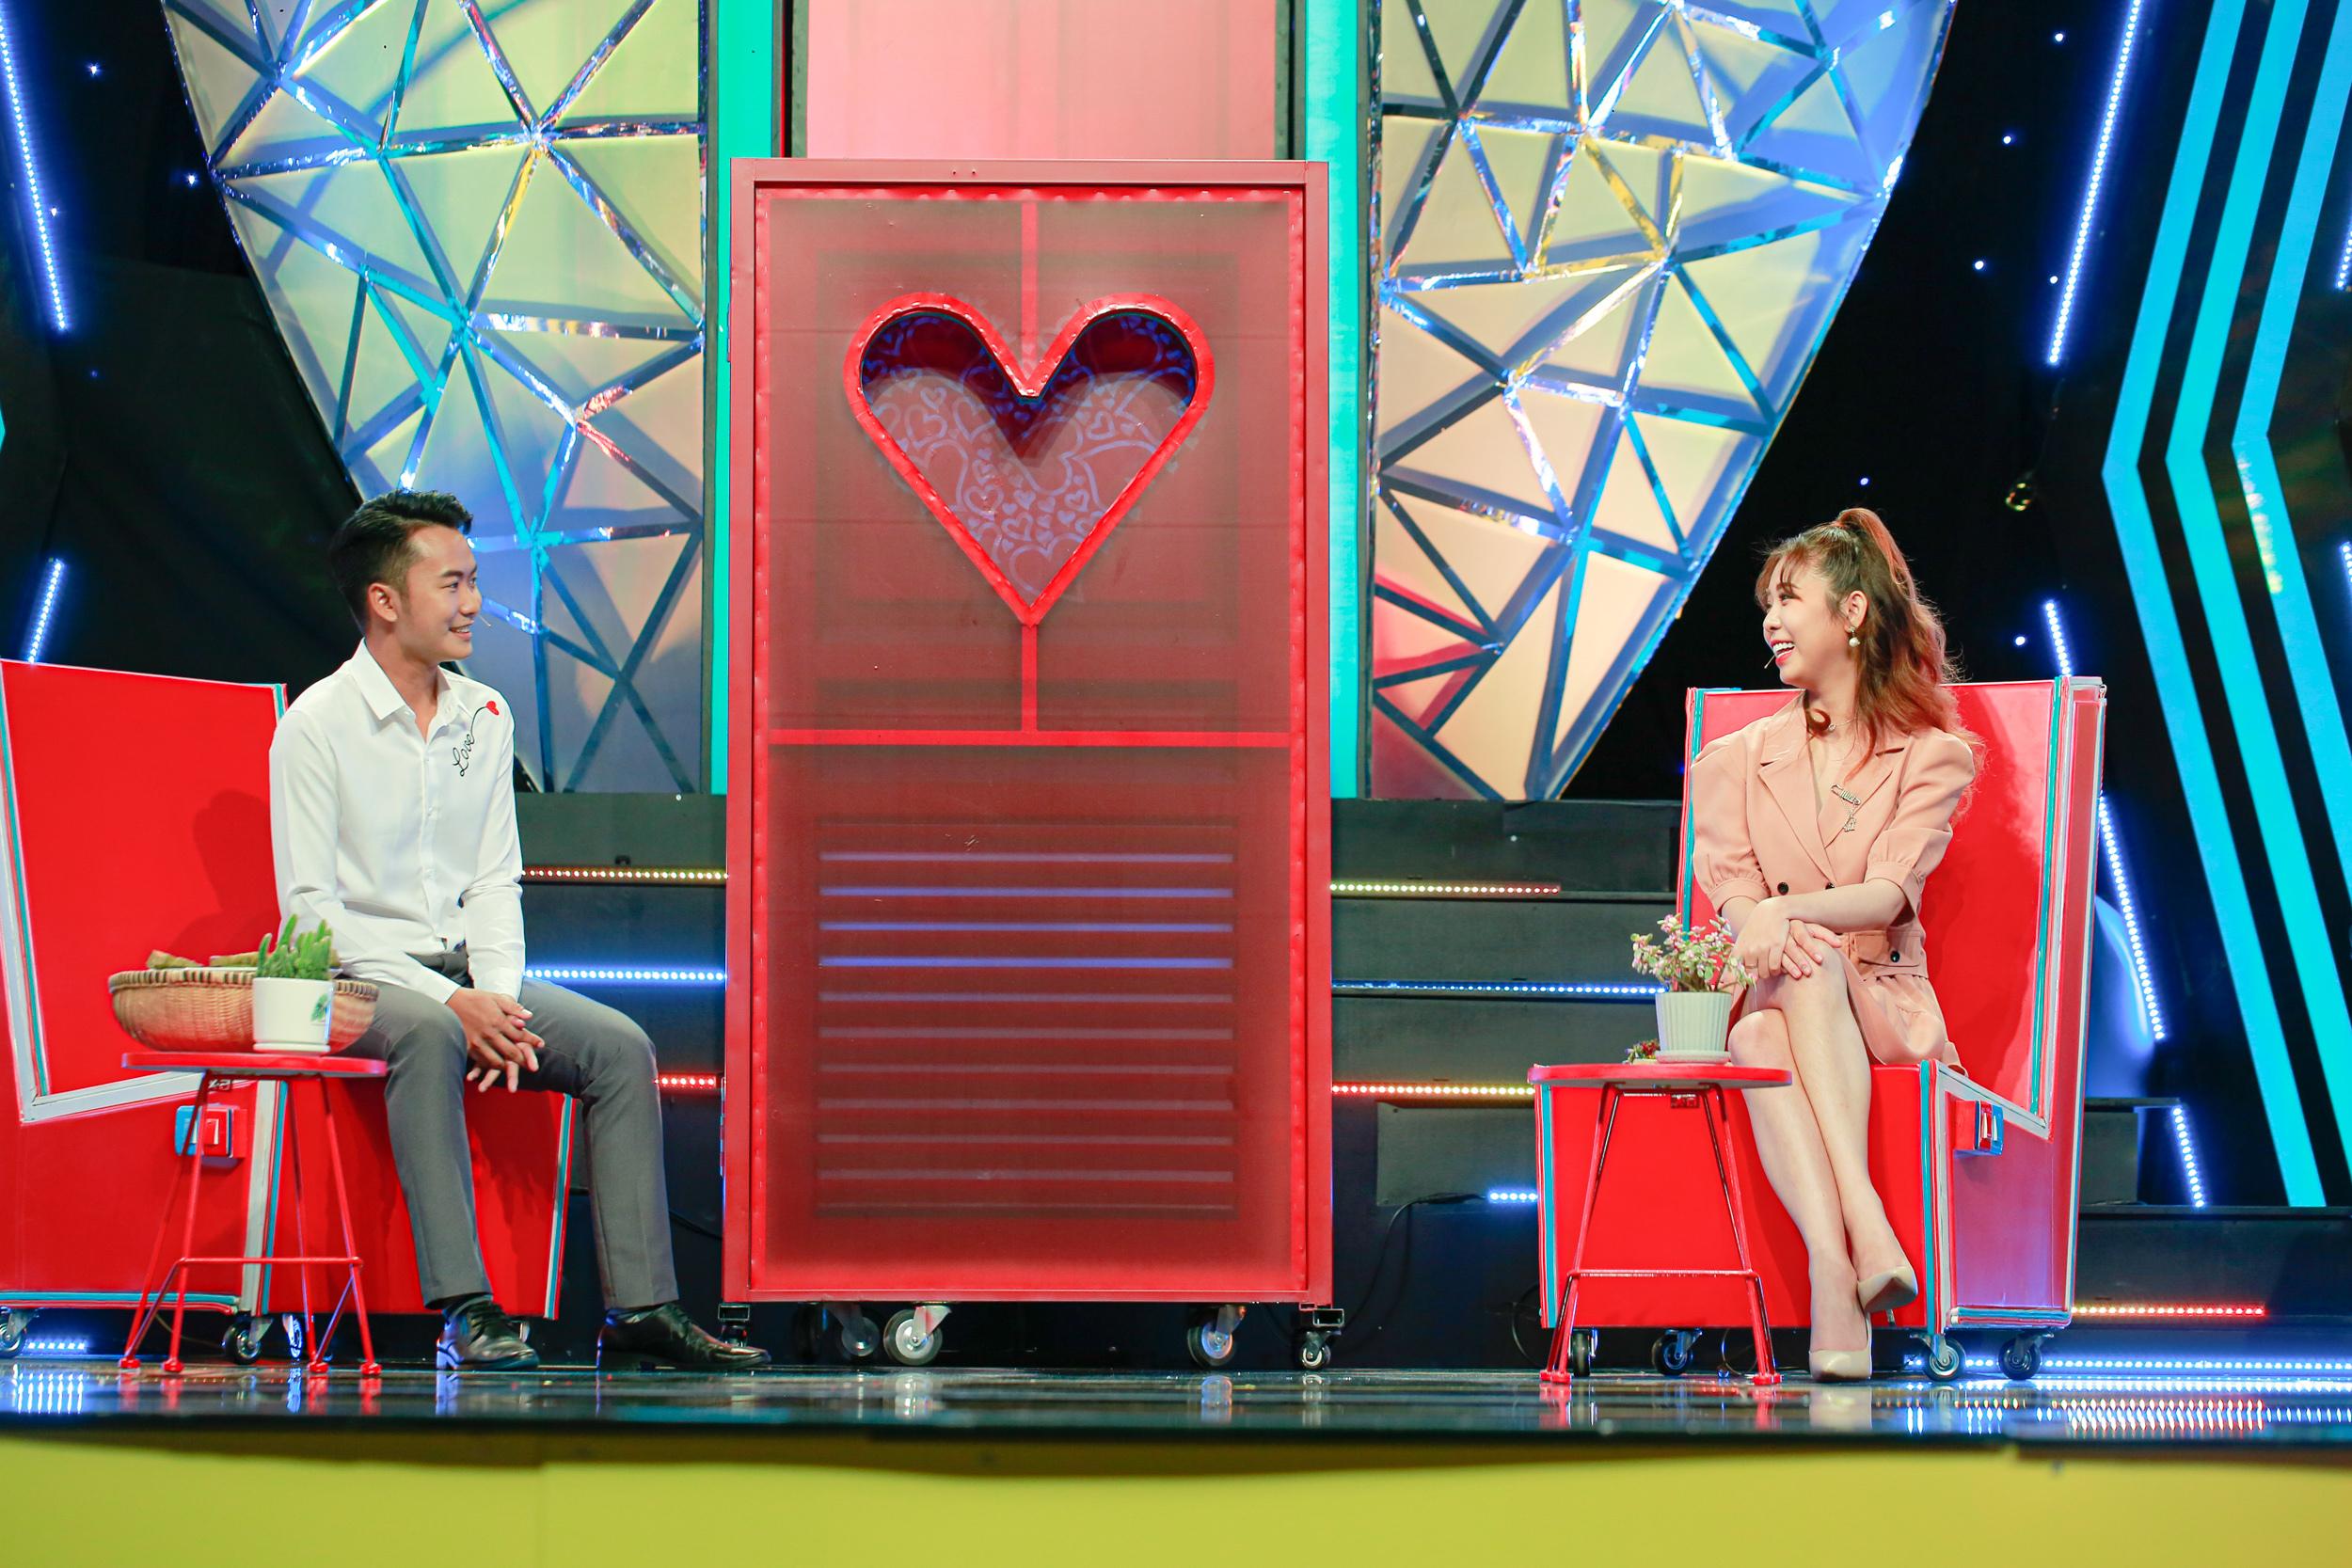 Nữ giám đốc trẻ lên truyền hình tìm người yêu